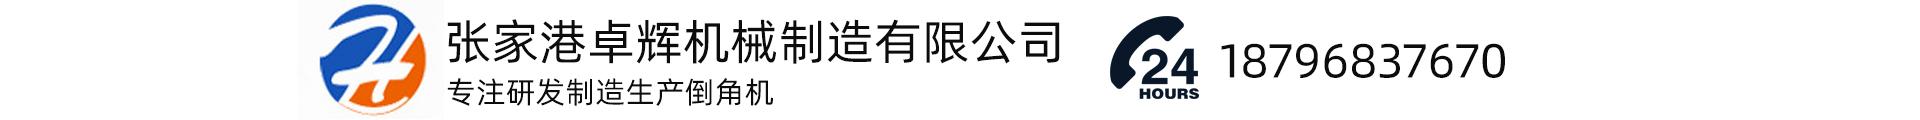 张家港卓辉机械制造有限公司